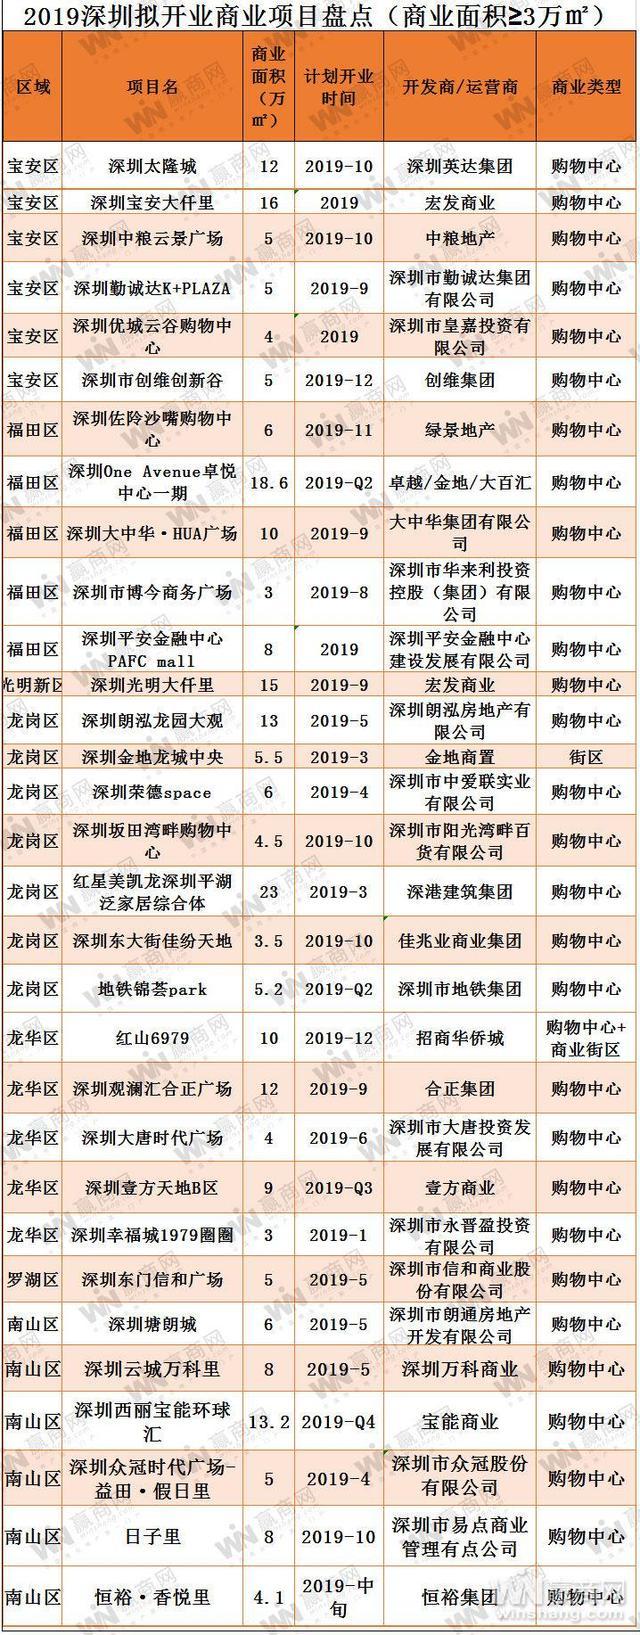 深圳宝影国际影城,2019年深圳拟开业购物中心31个 商业体量达250多万平方米